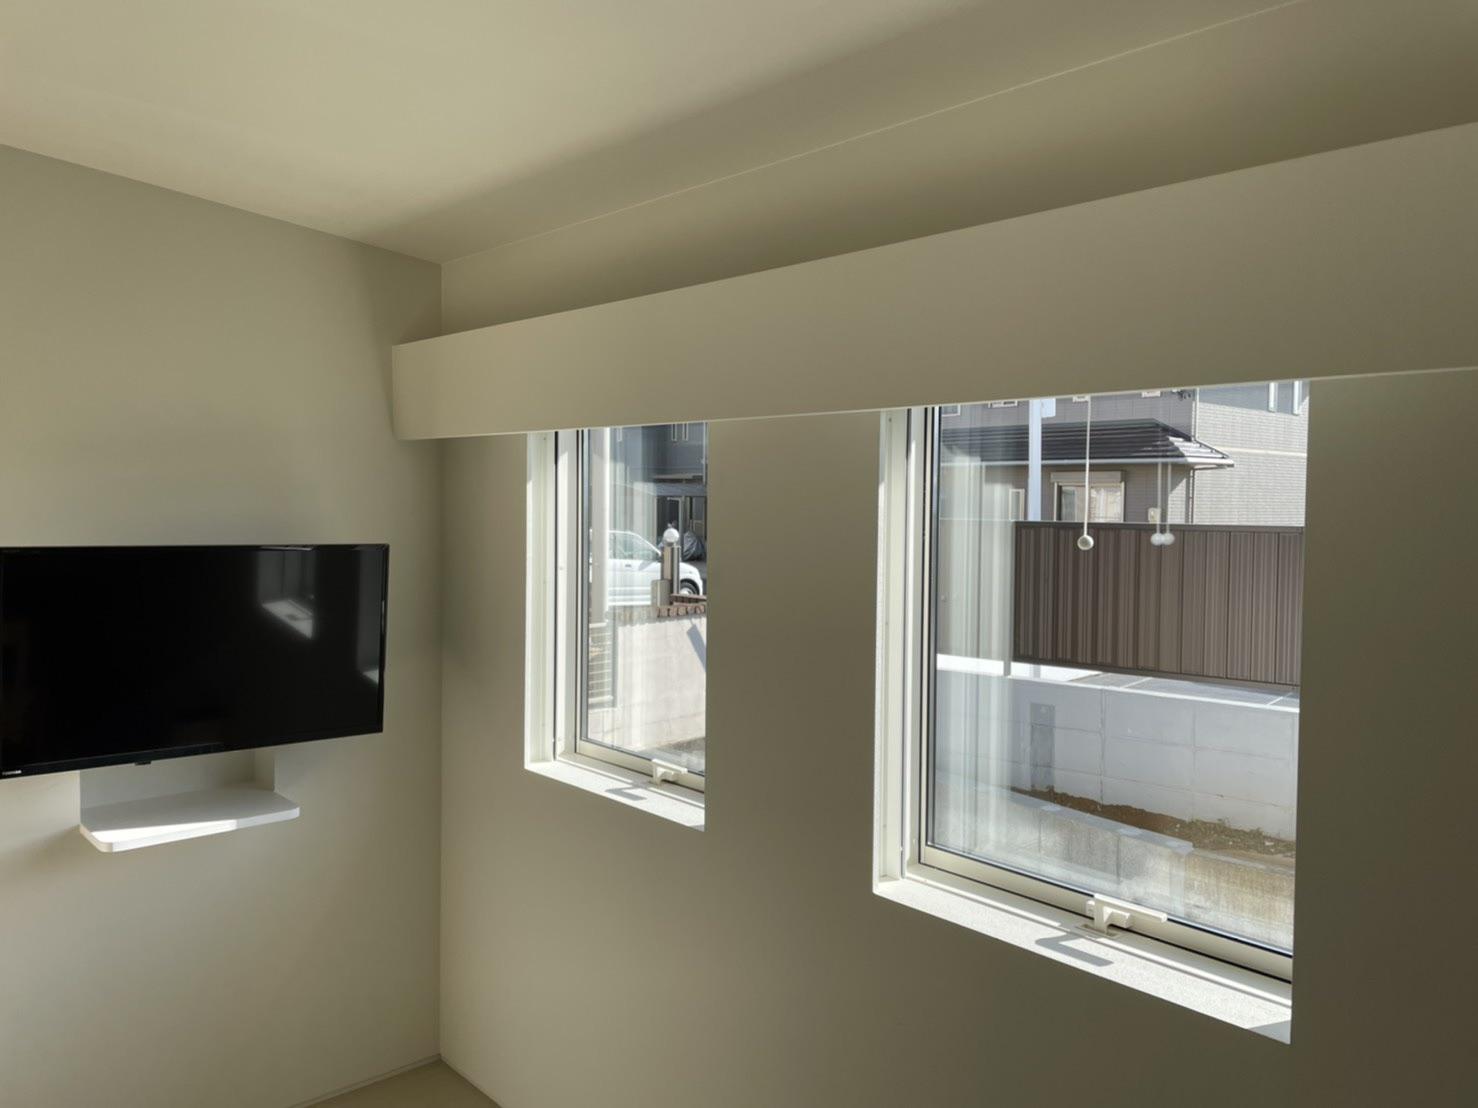 三重県四日市 Tデンタルクリニック増築、完成引き渡し画像